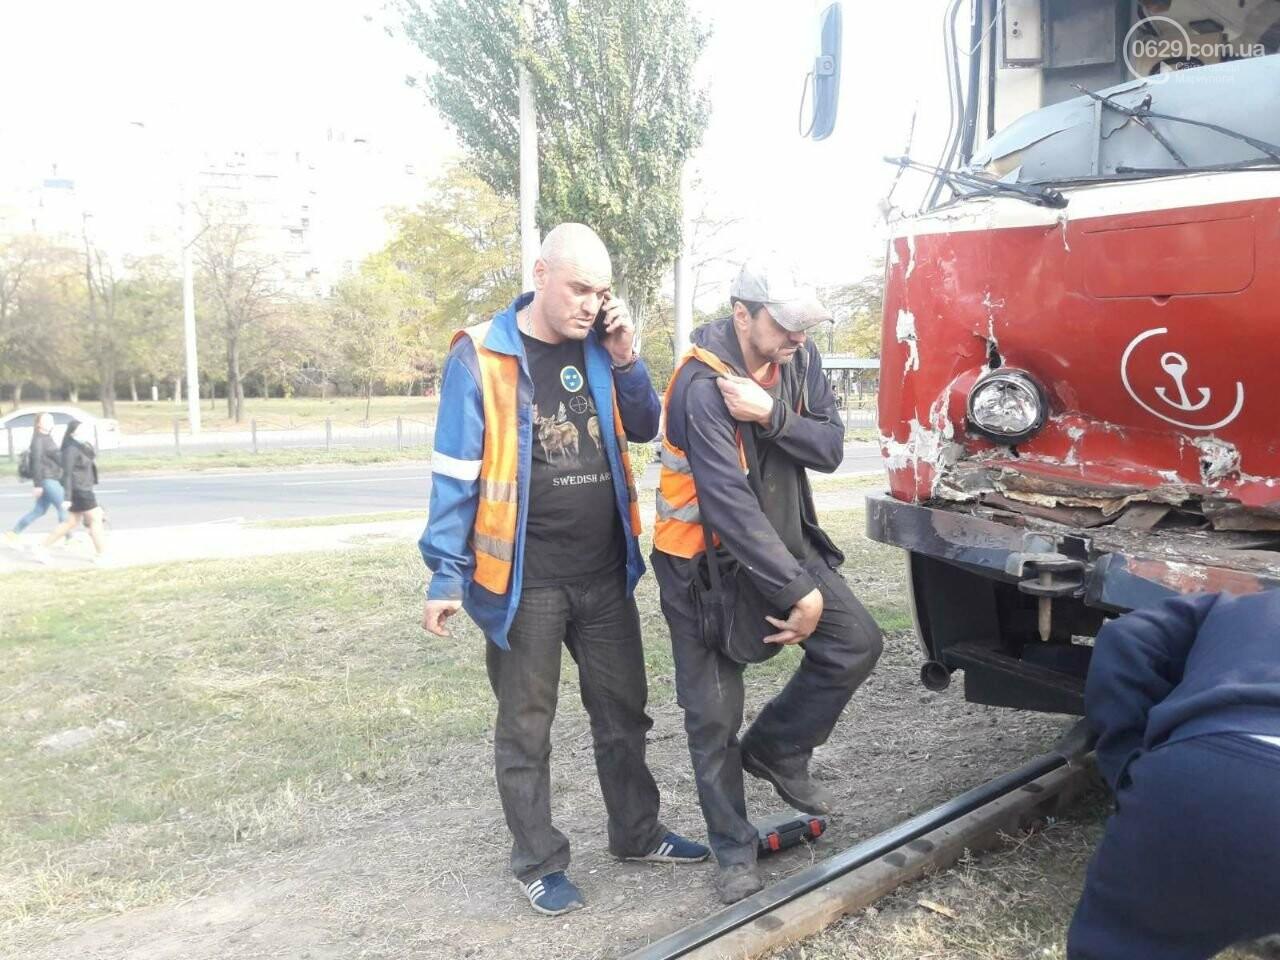 В Мариуполе трамвай на полном ходу потерял управление и врезался, - ФОТО, фото-2